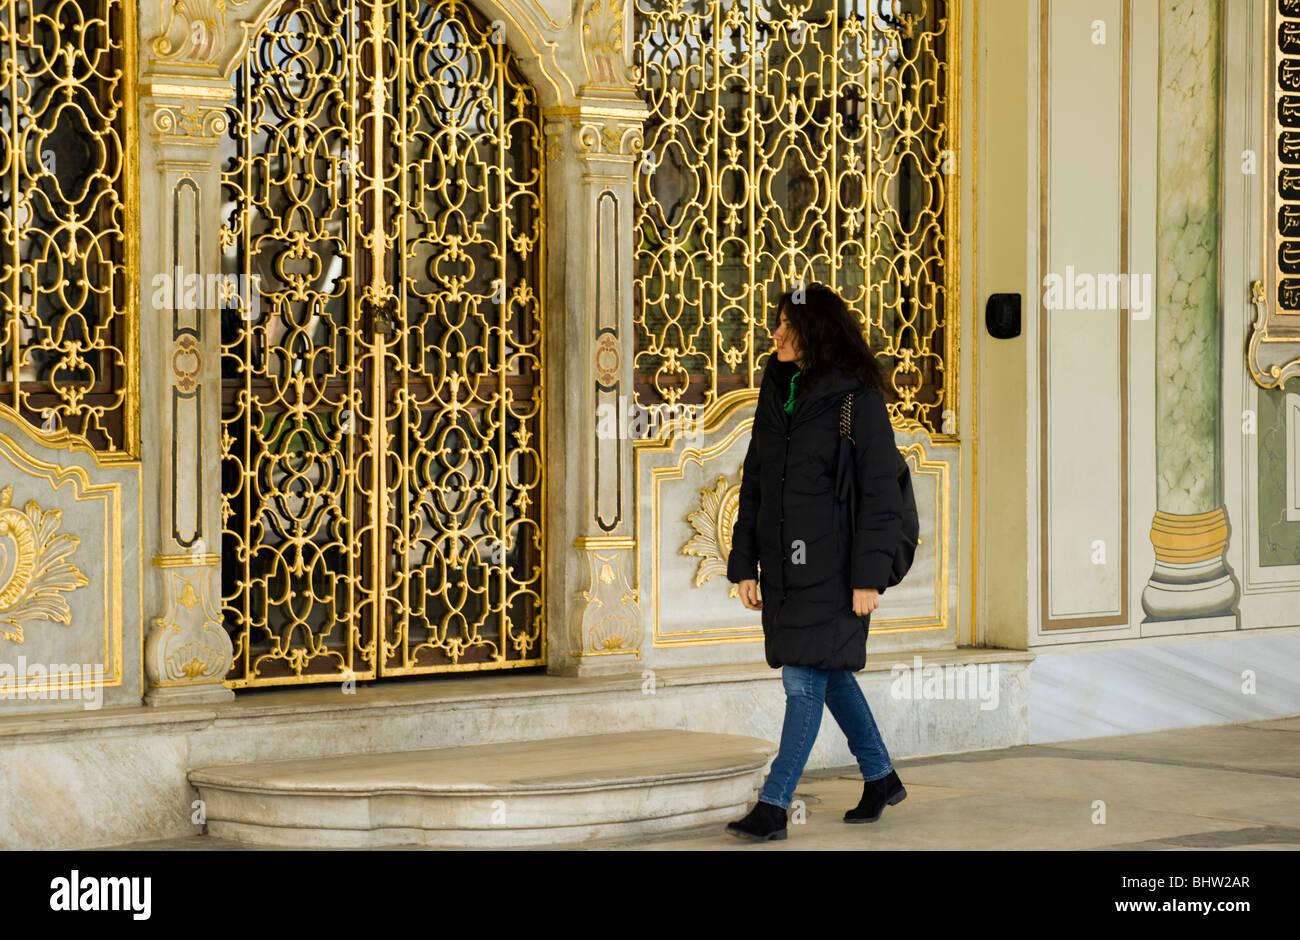 La sala de reuniones del Palacio de Topkapi, Estambul, Turquía Imagen De Stock